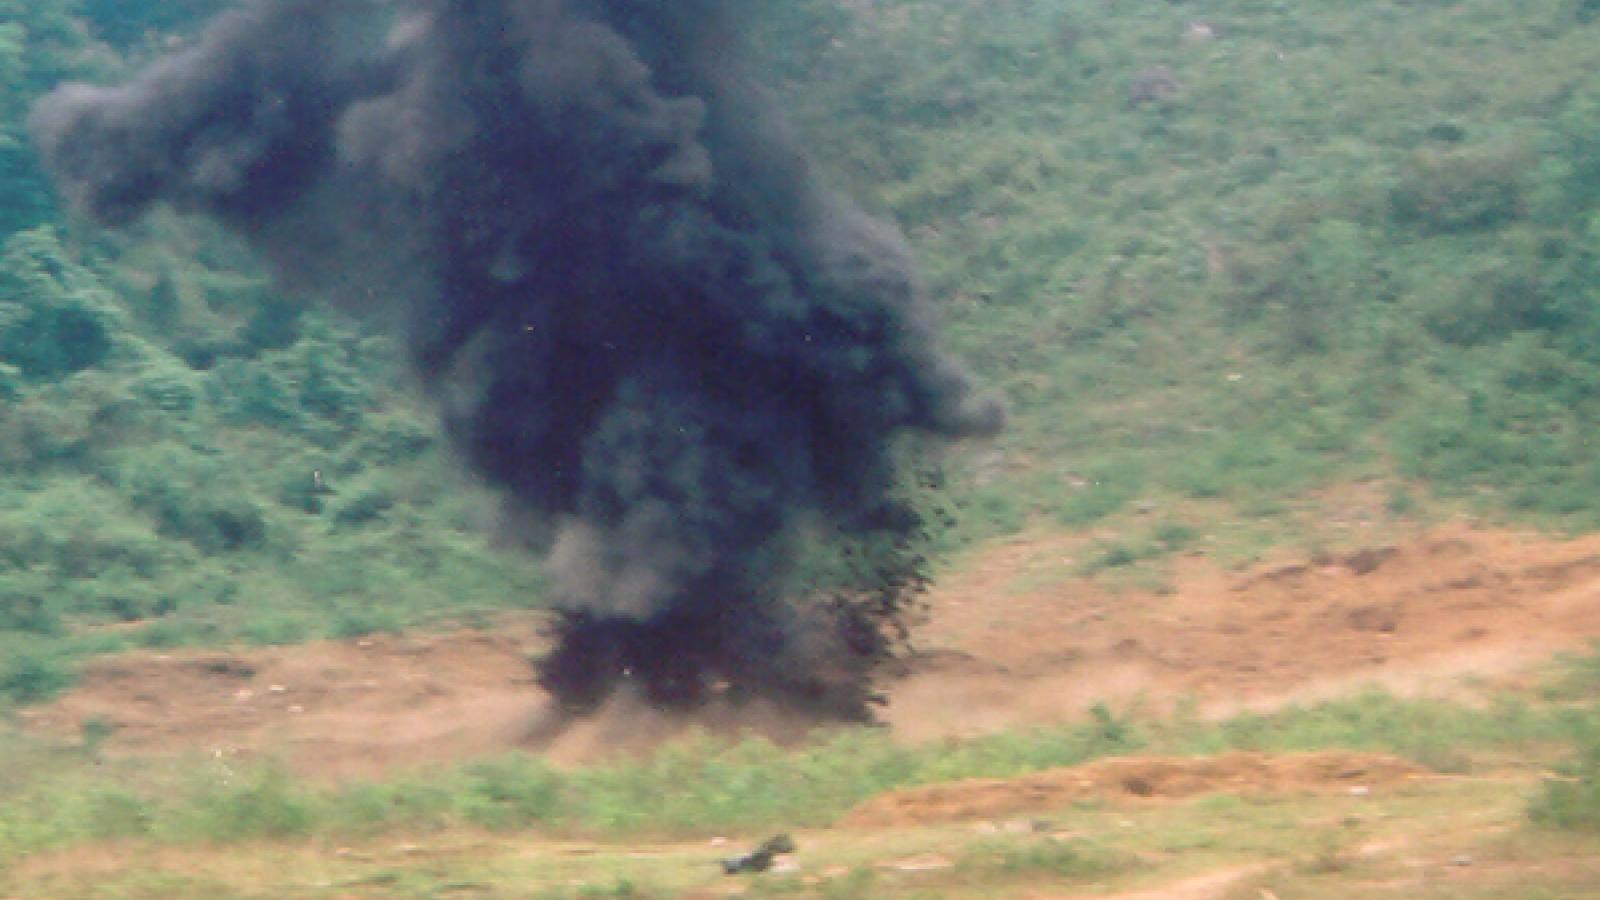 Quả bom nổ trong cối xay nguyên liệu đóng gạch, một người tử vong